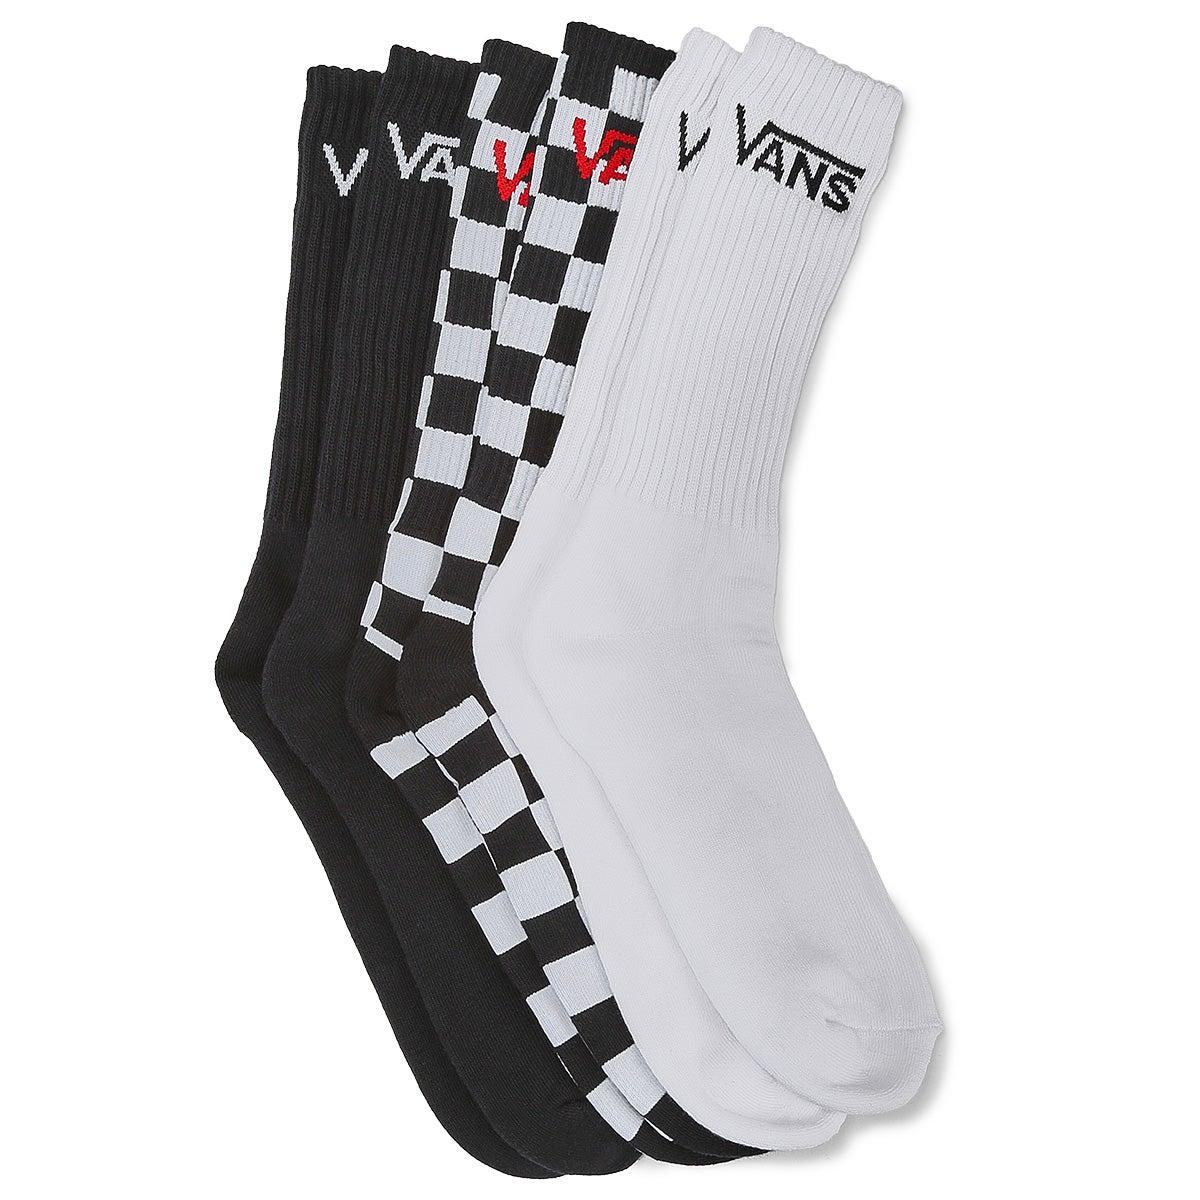 Men's Vans Skate Crew Sock - 3 pack